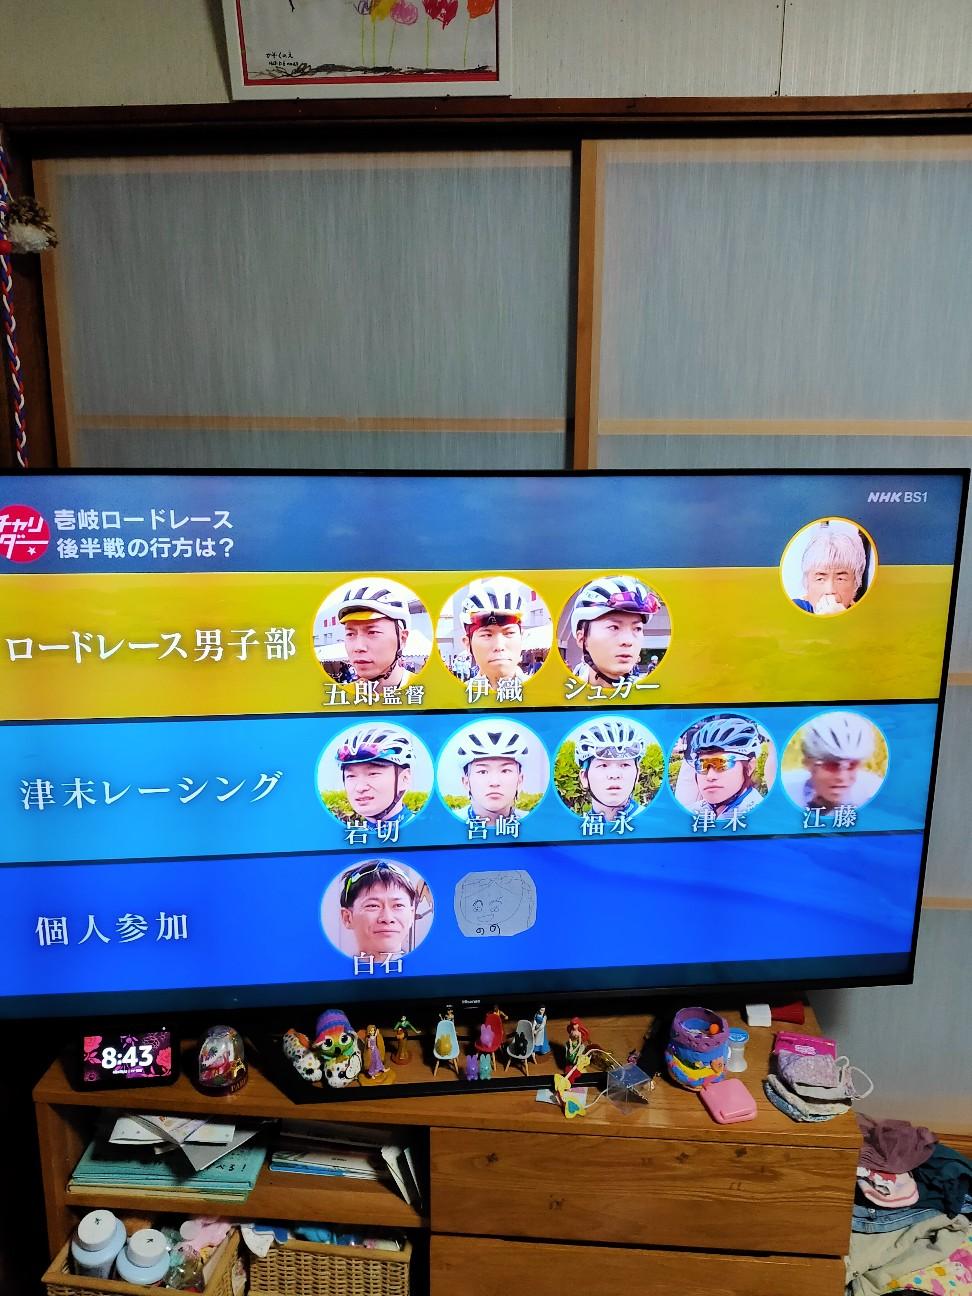 f:id:shingo_shiraishi:20210608213559j:image